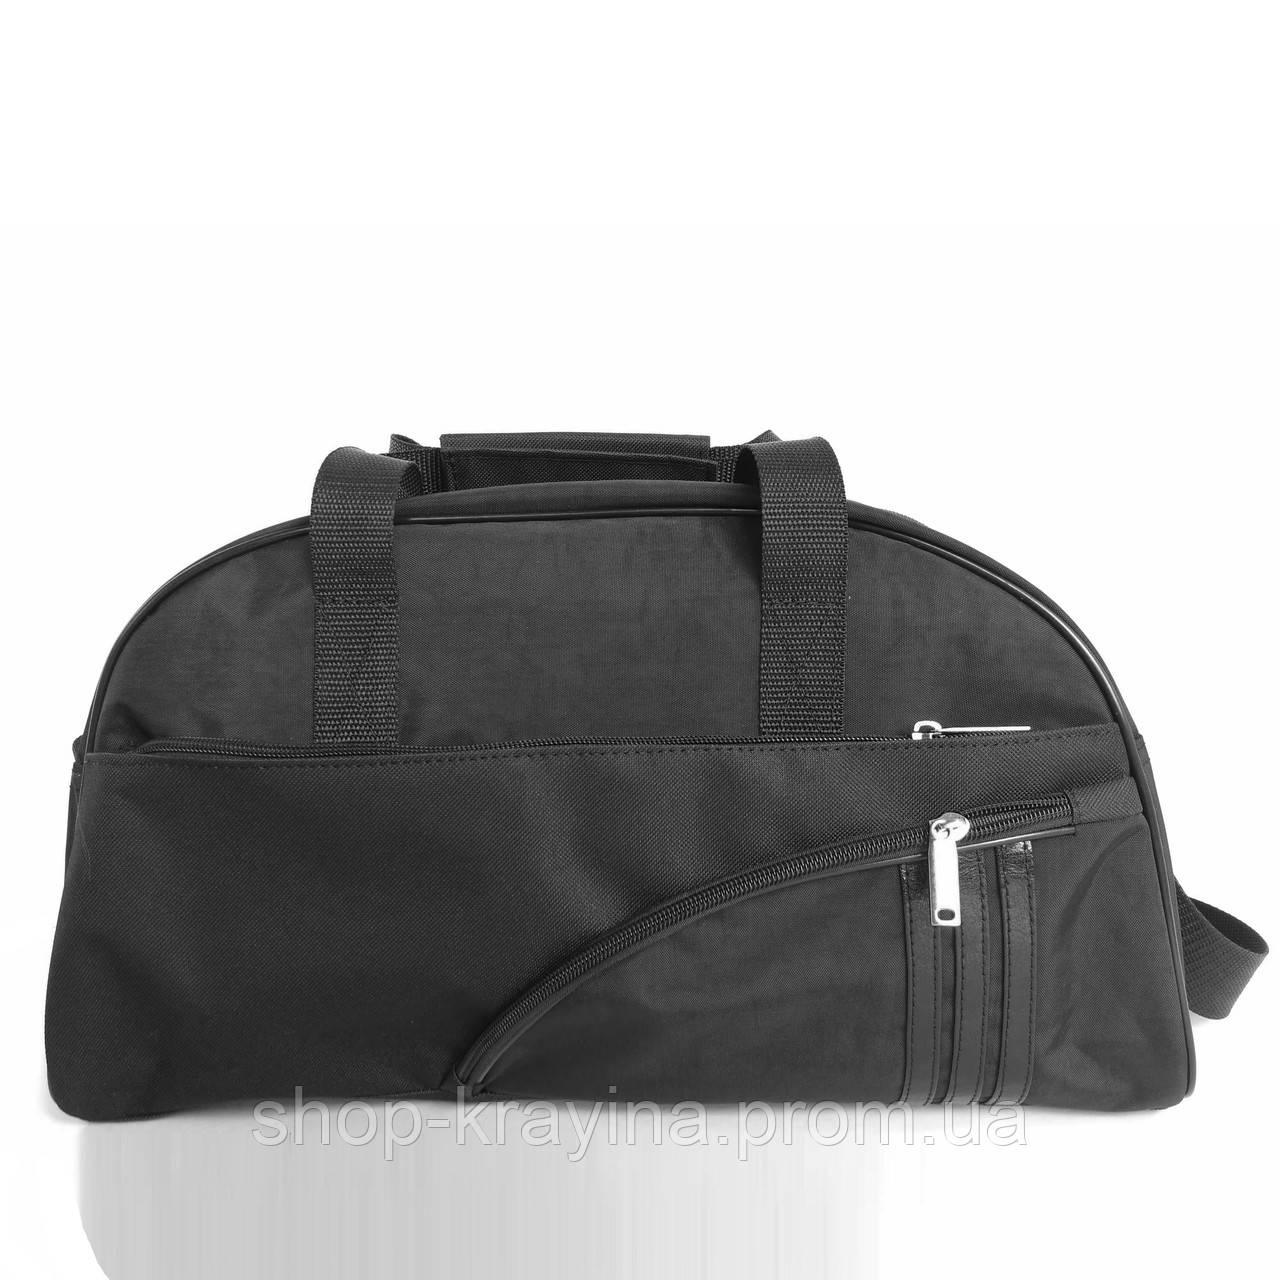 Женская сумка для спорта, 28*43*15 см, черн